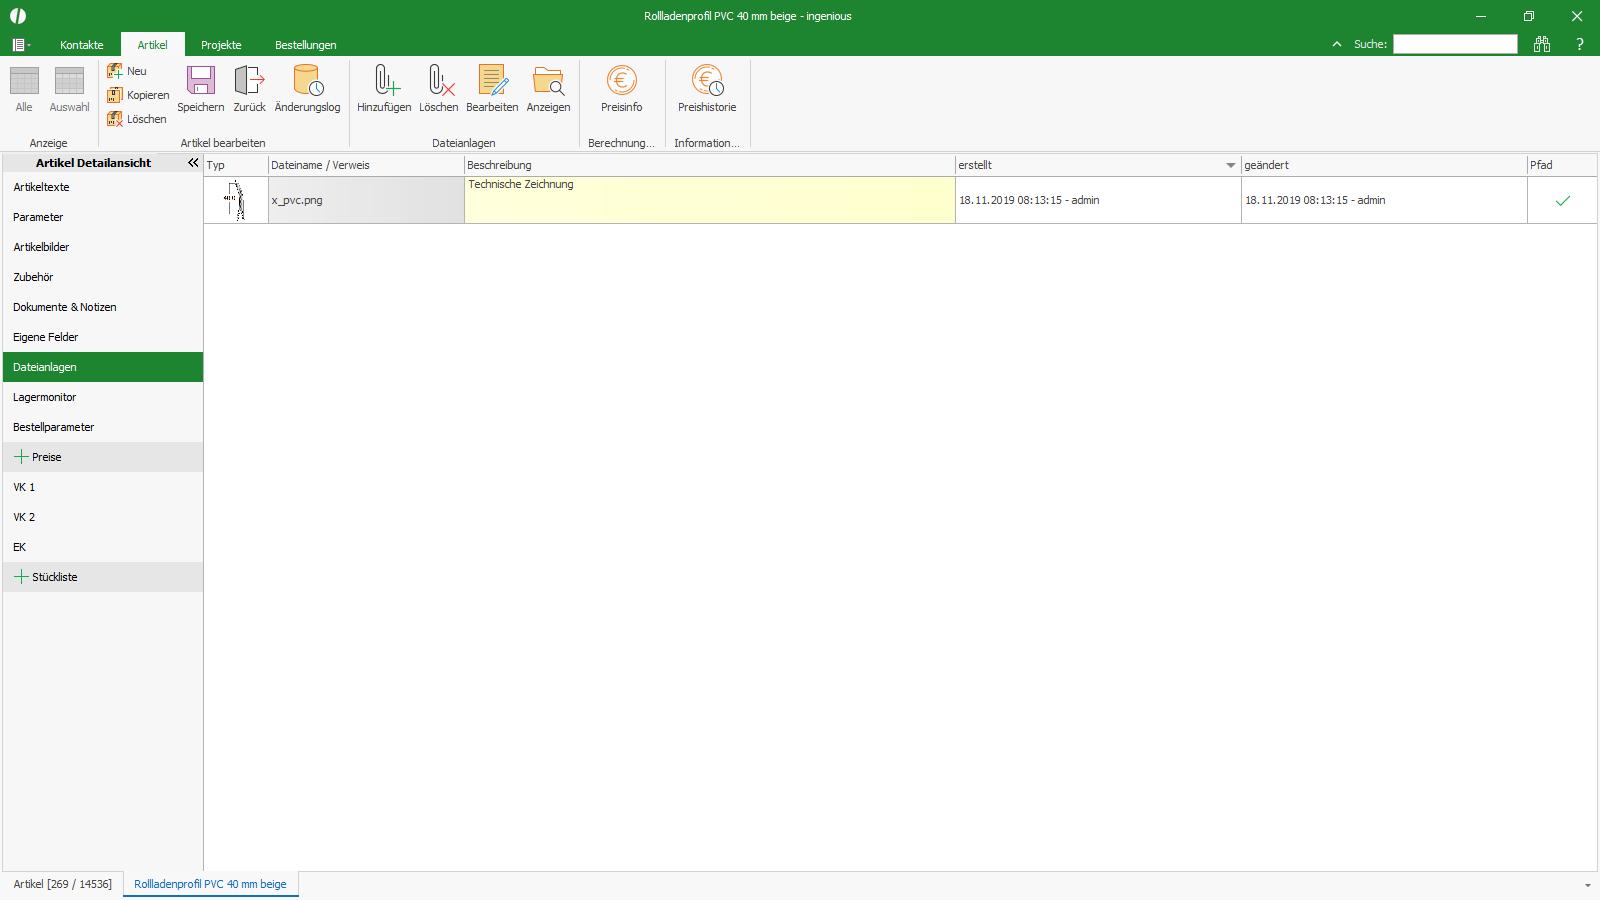 Ingenious Software Artikel Detailansicht Externe Dateianlagen